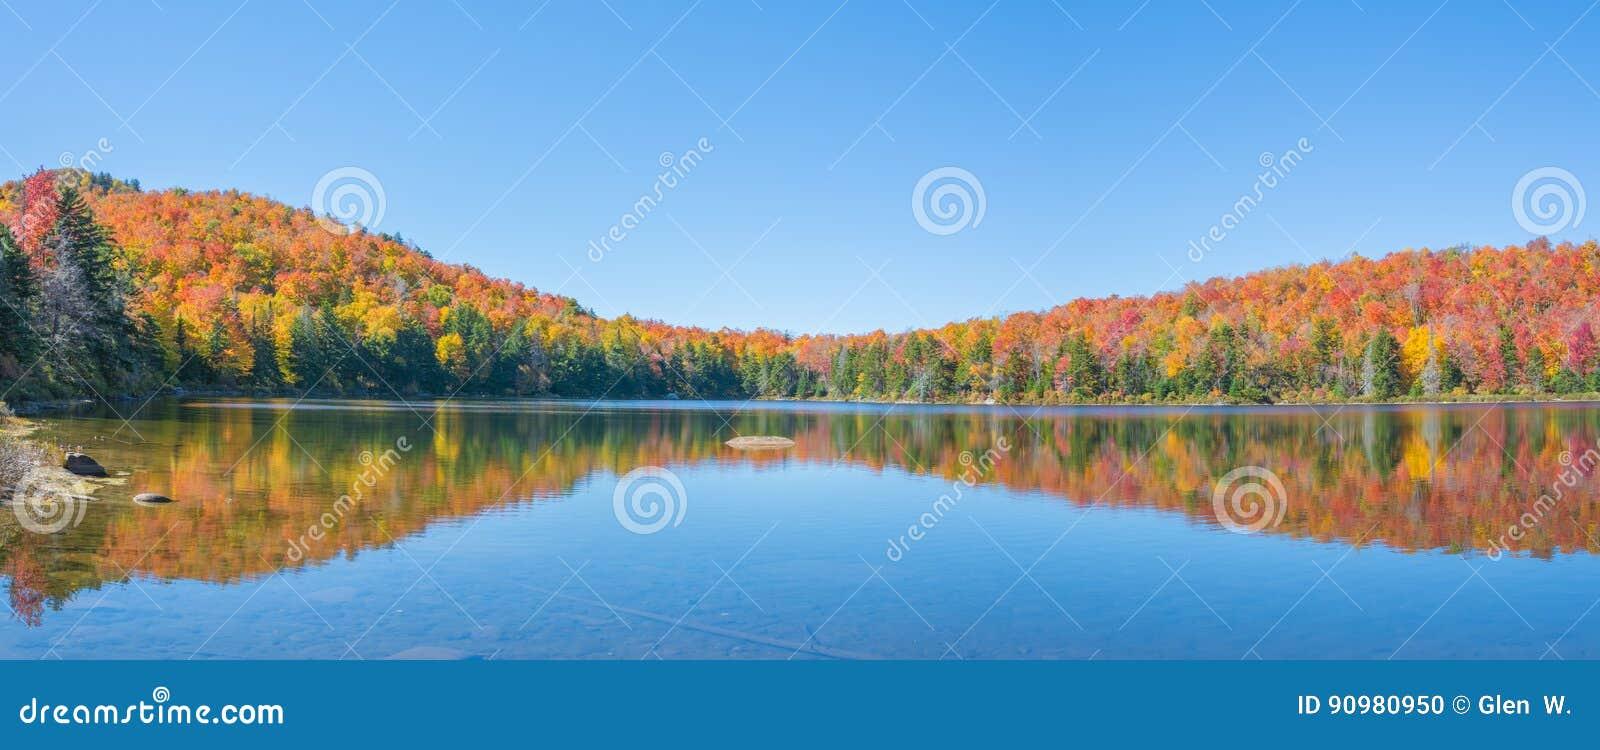 Очаровательный пруд с листопадом